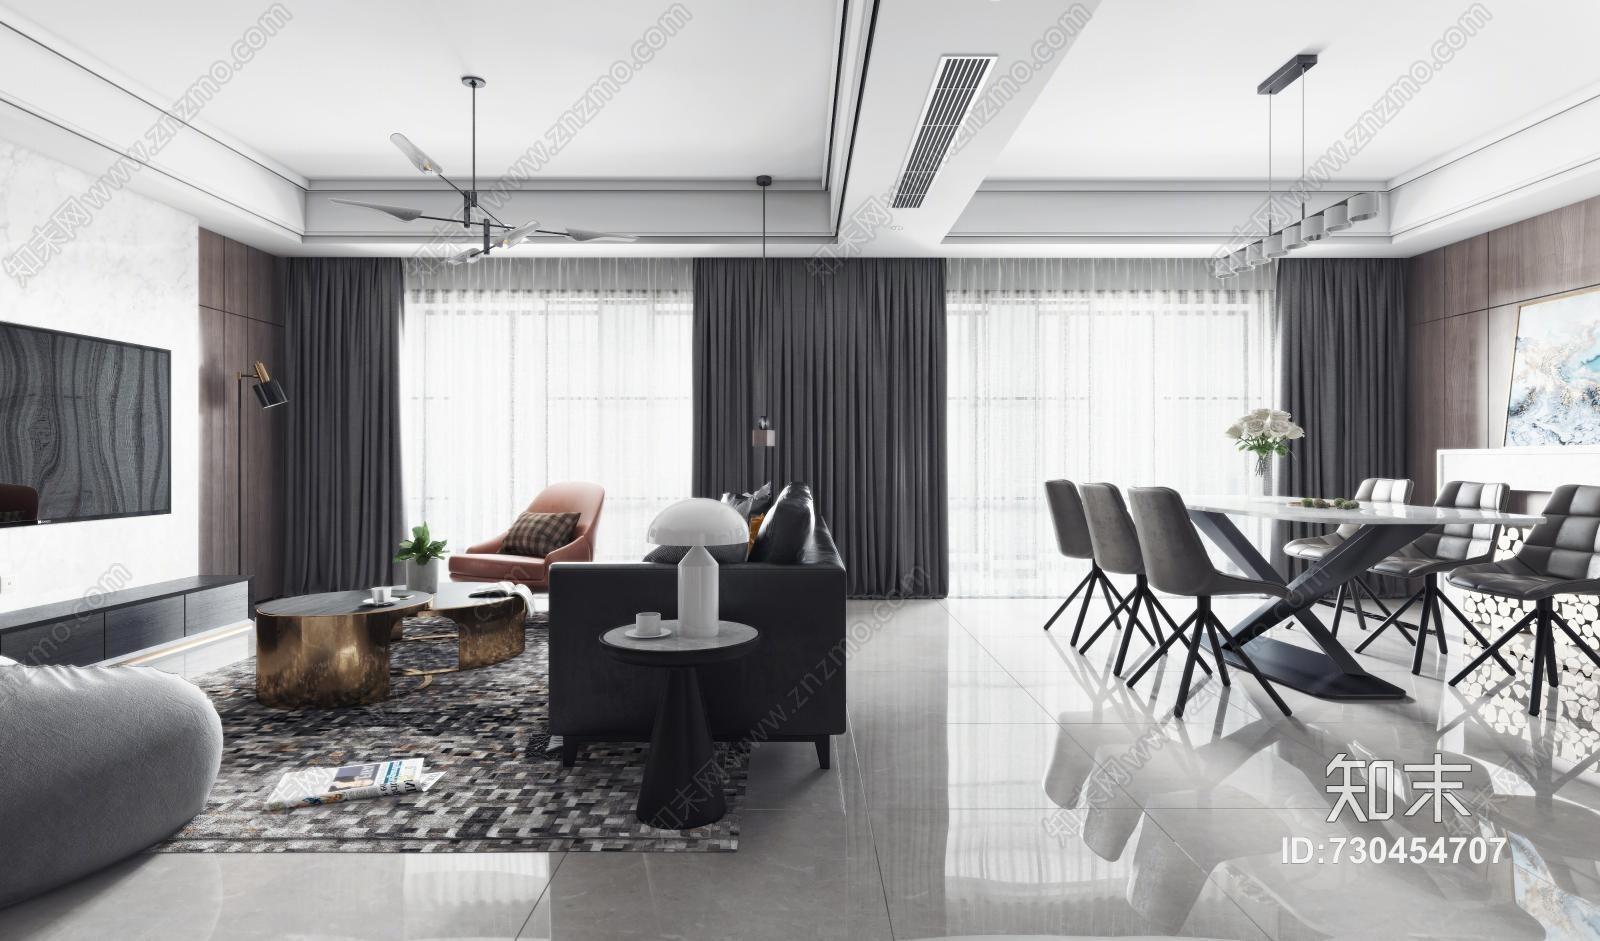 现代客厅餐厅 沙发茶几 吊灯 挂画 餐桌椅